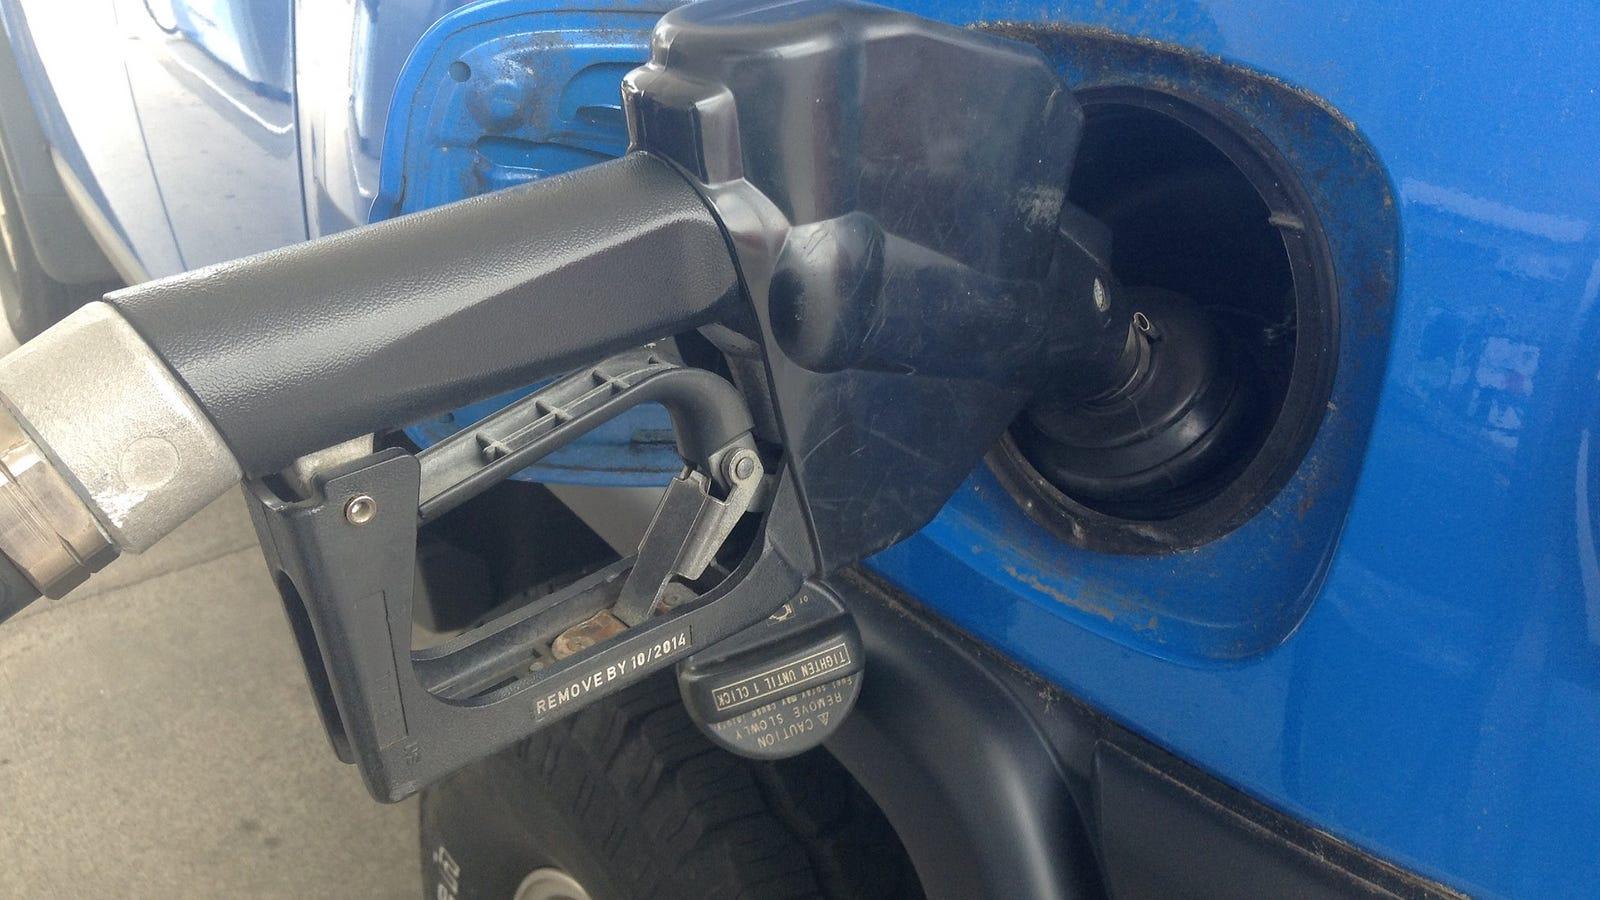 Tnk los precios de 95 gasolina en moskve hoy